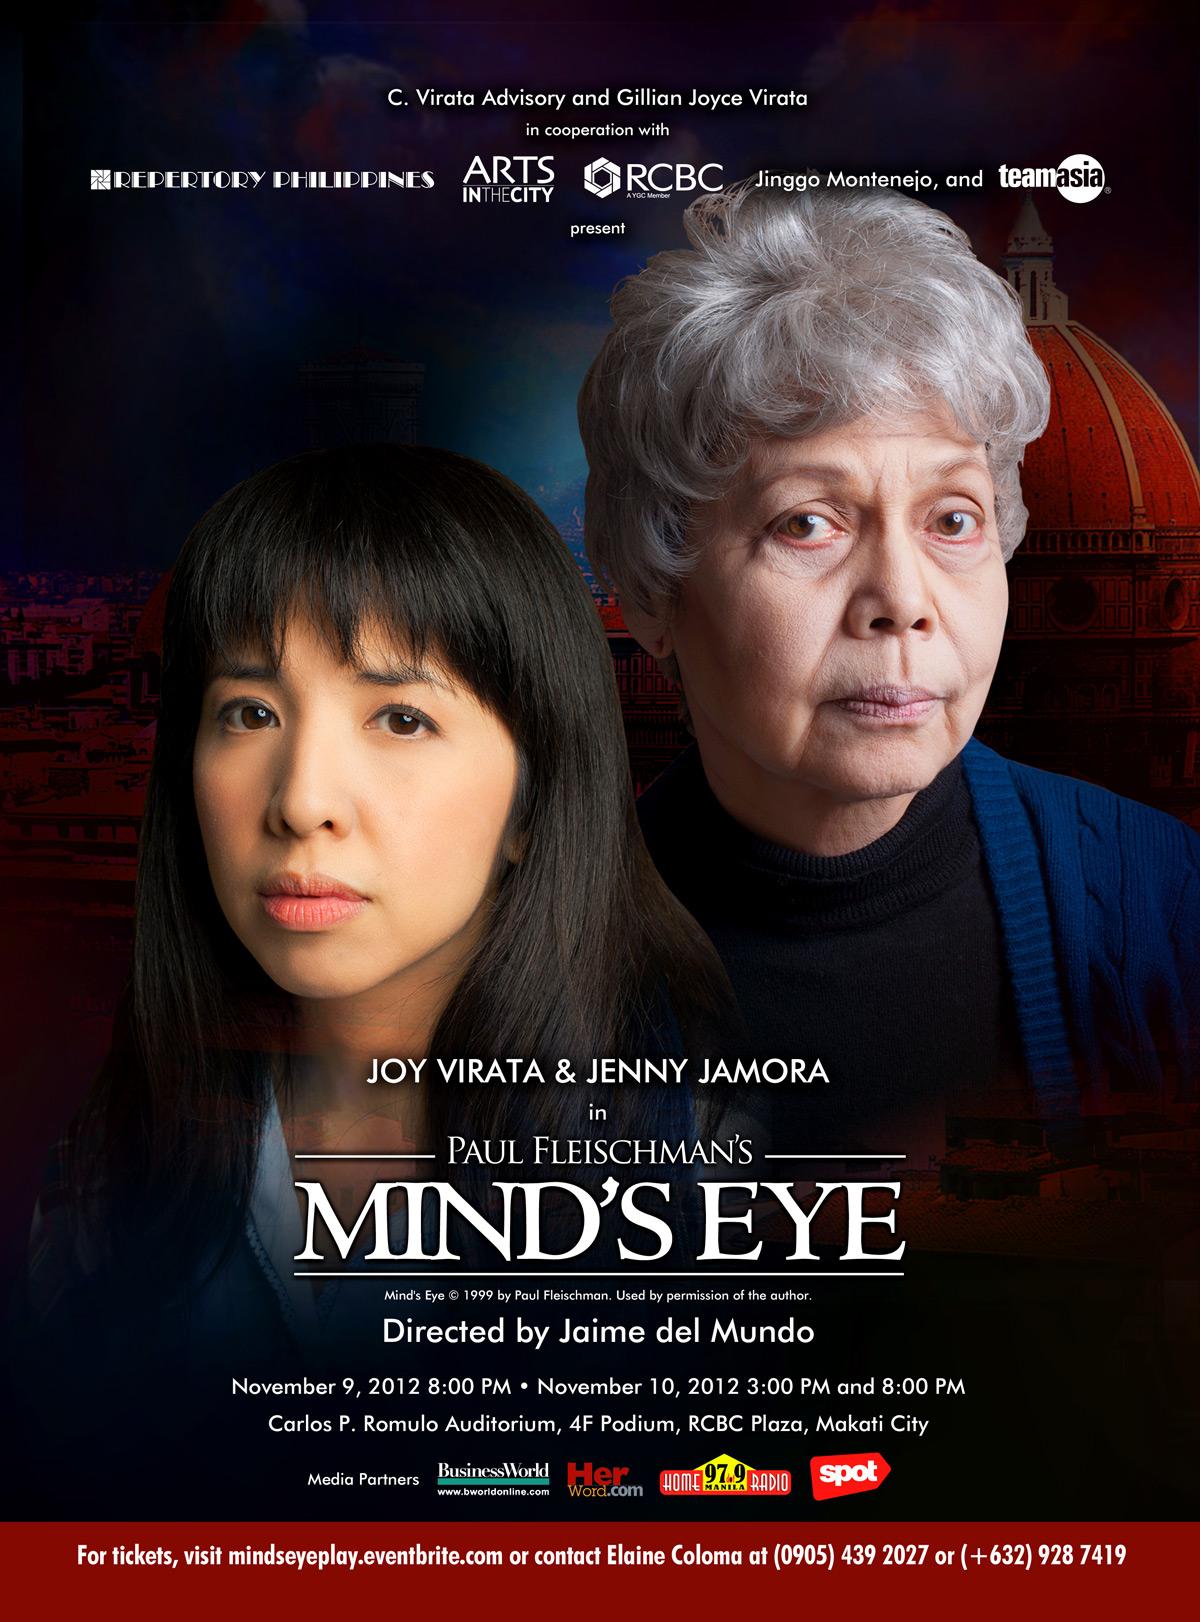 Jinggo Montenejo Minds EyePoster.jpg